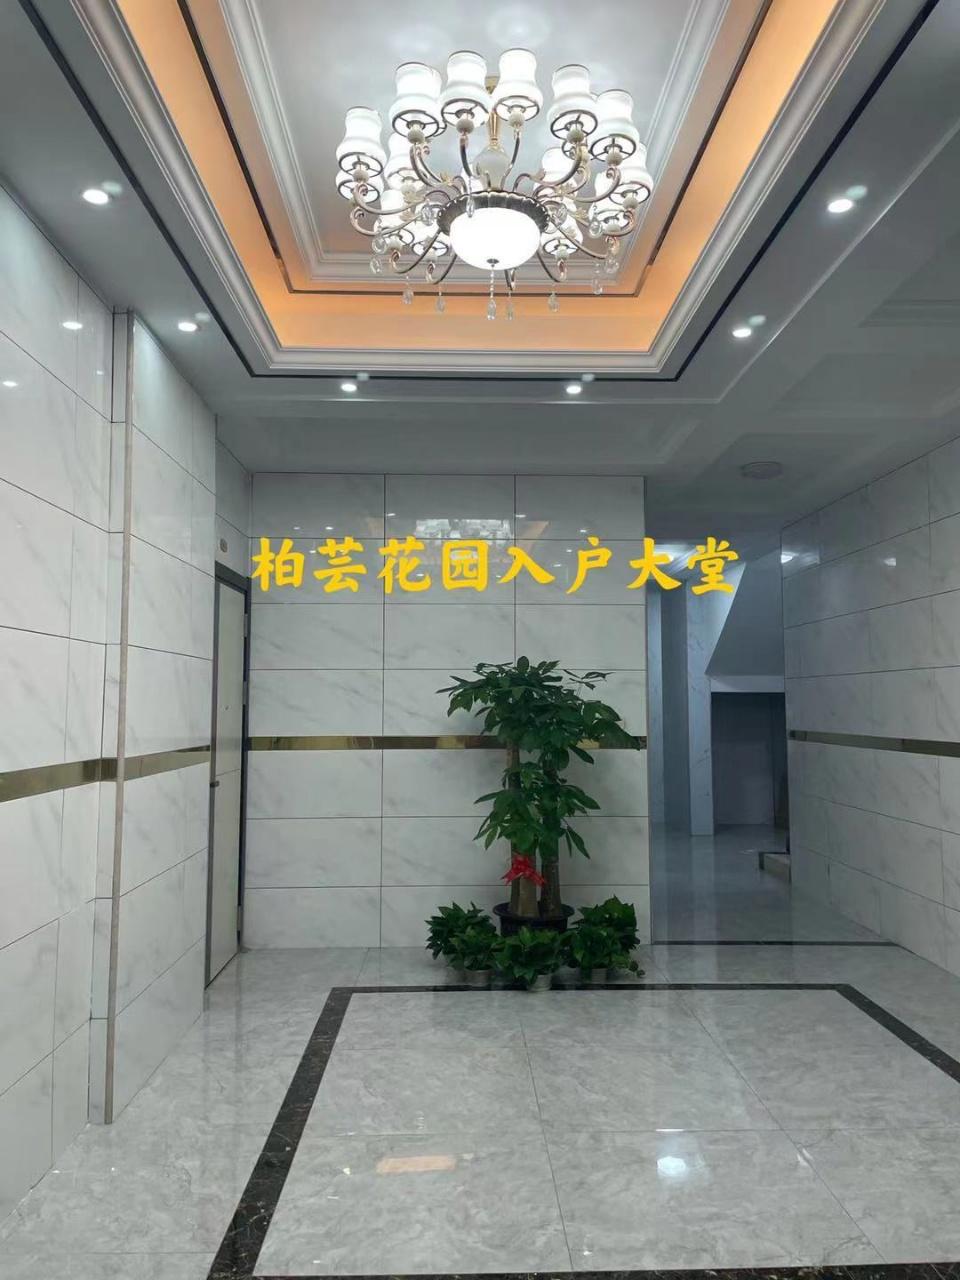 东莞大岭山小产权房【柏芸家园】原始户型,均价4850元一平方